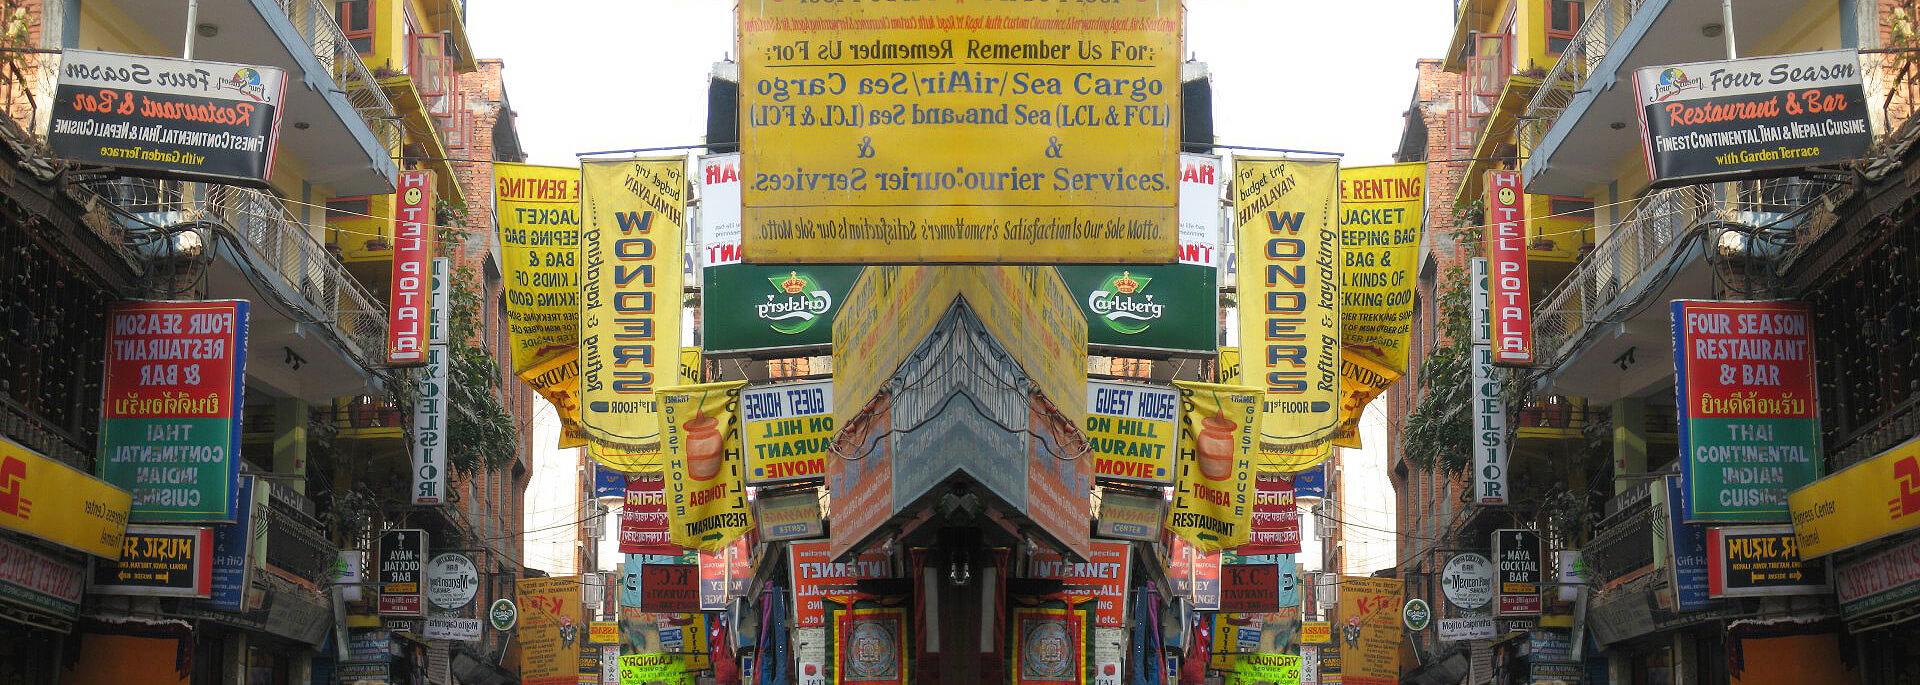 Wie ich in Kathmandu ein Ticket zum Alpenglühen kaufte